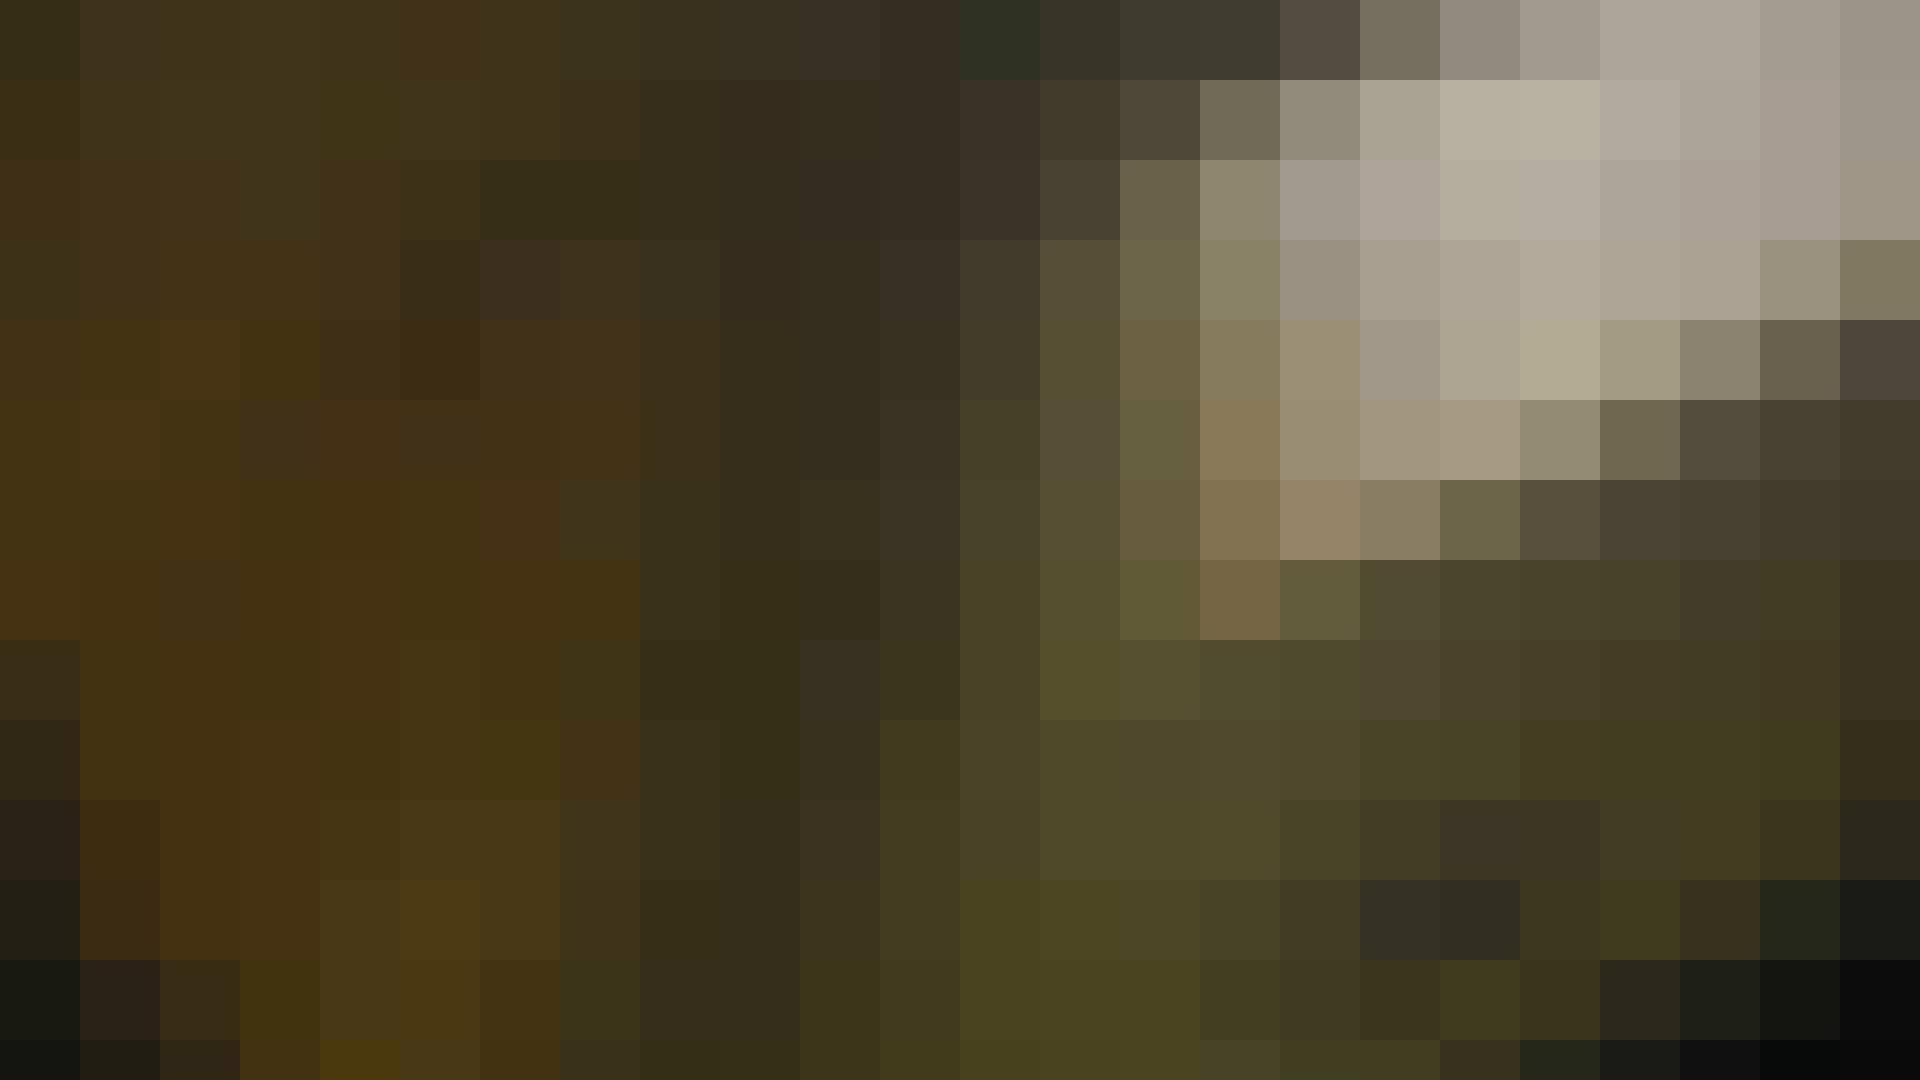 阿国ちゃんの「和式洋式七変化」No.18 iBO(フタコブ) 和式 | 洗面所  68PIX 49